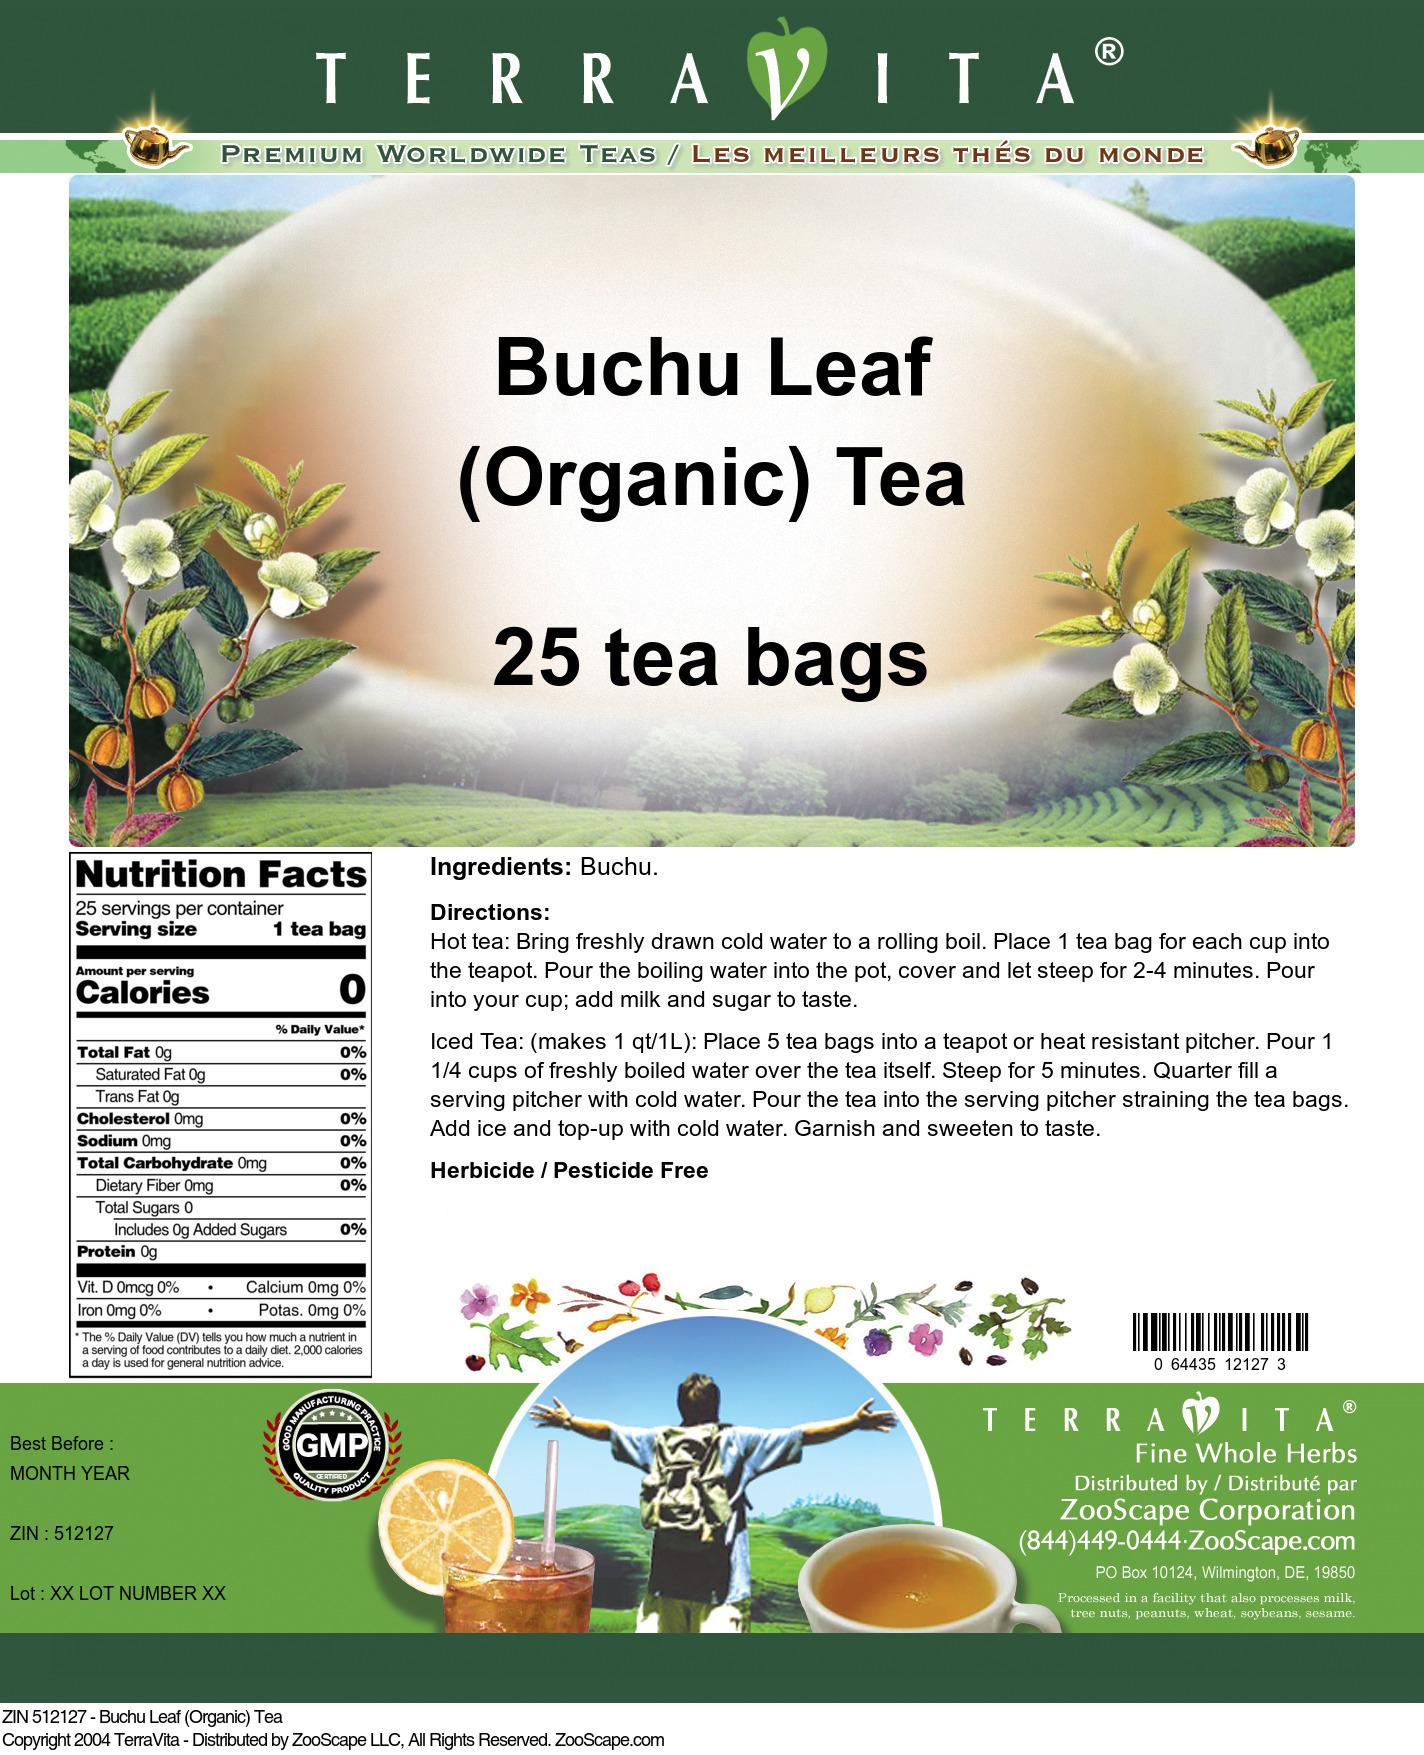 Buchu Leaf (Organic) Tea